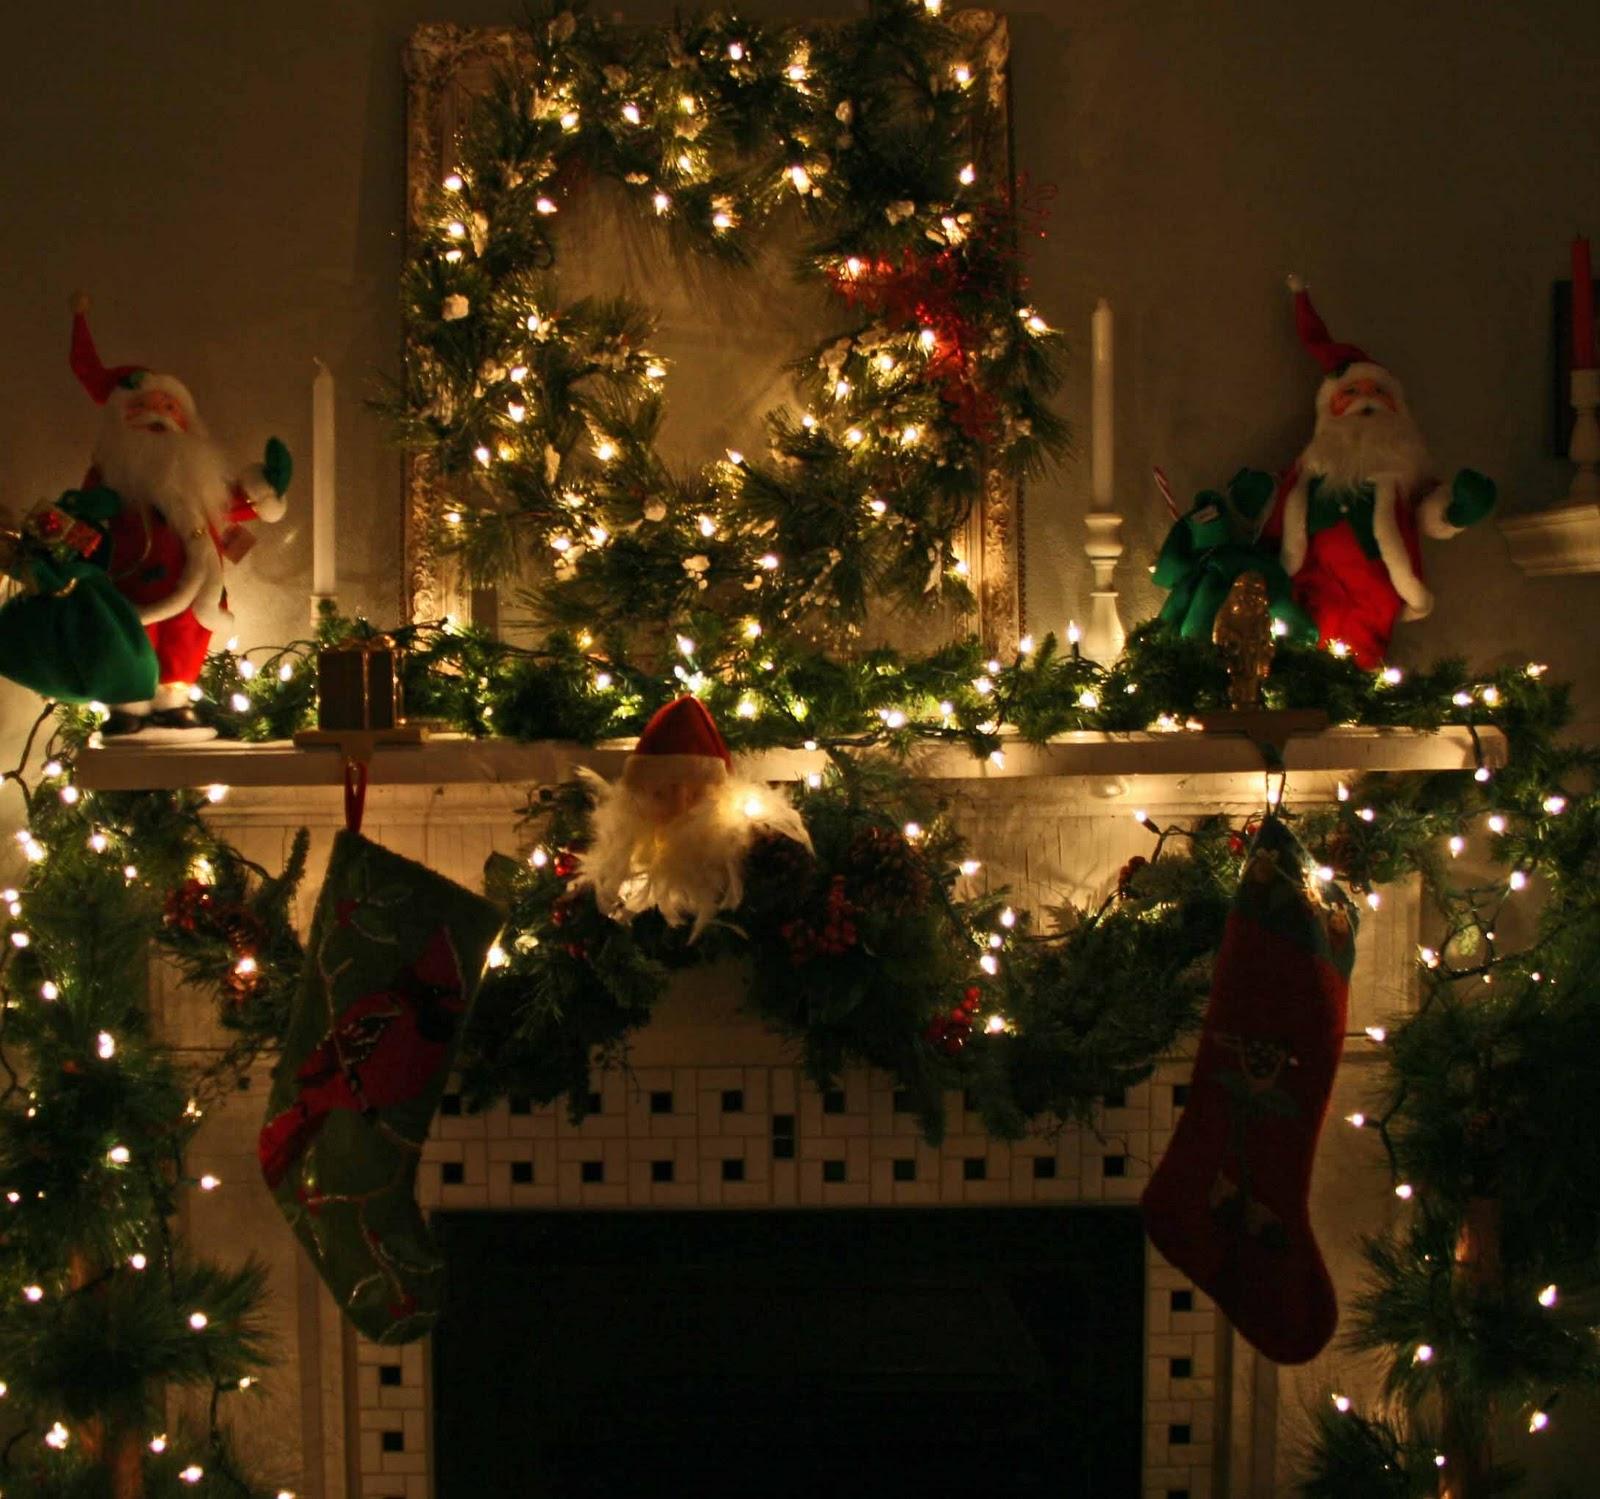 Christmas Mantals